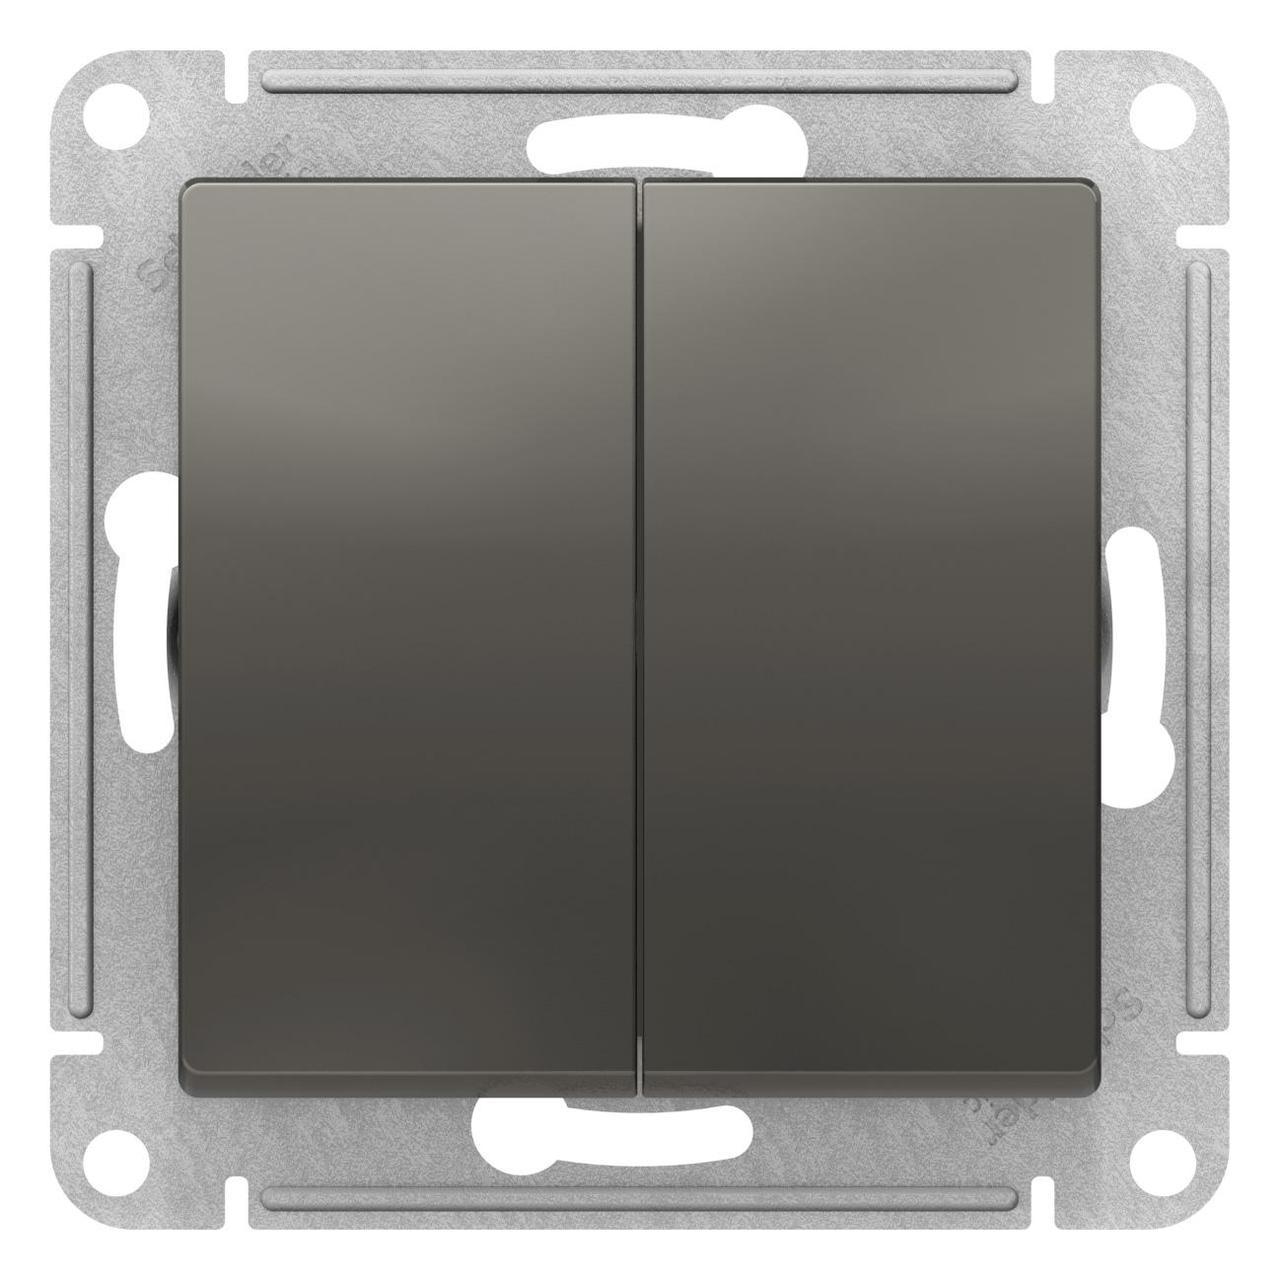 Выключатель 2-клавишный проходной (с двух мест) , Сталь, серия Atlas Design, Schneider Electric